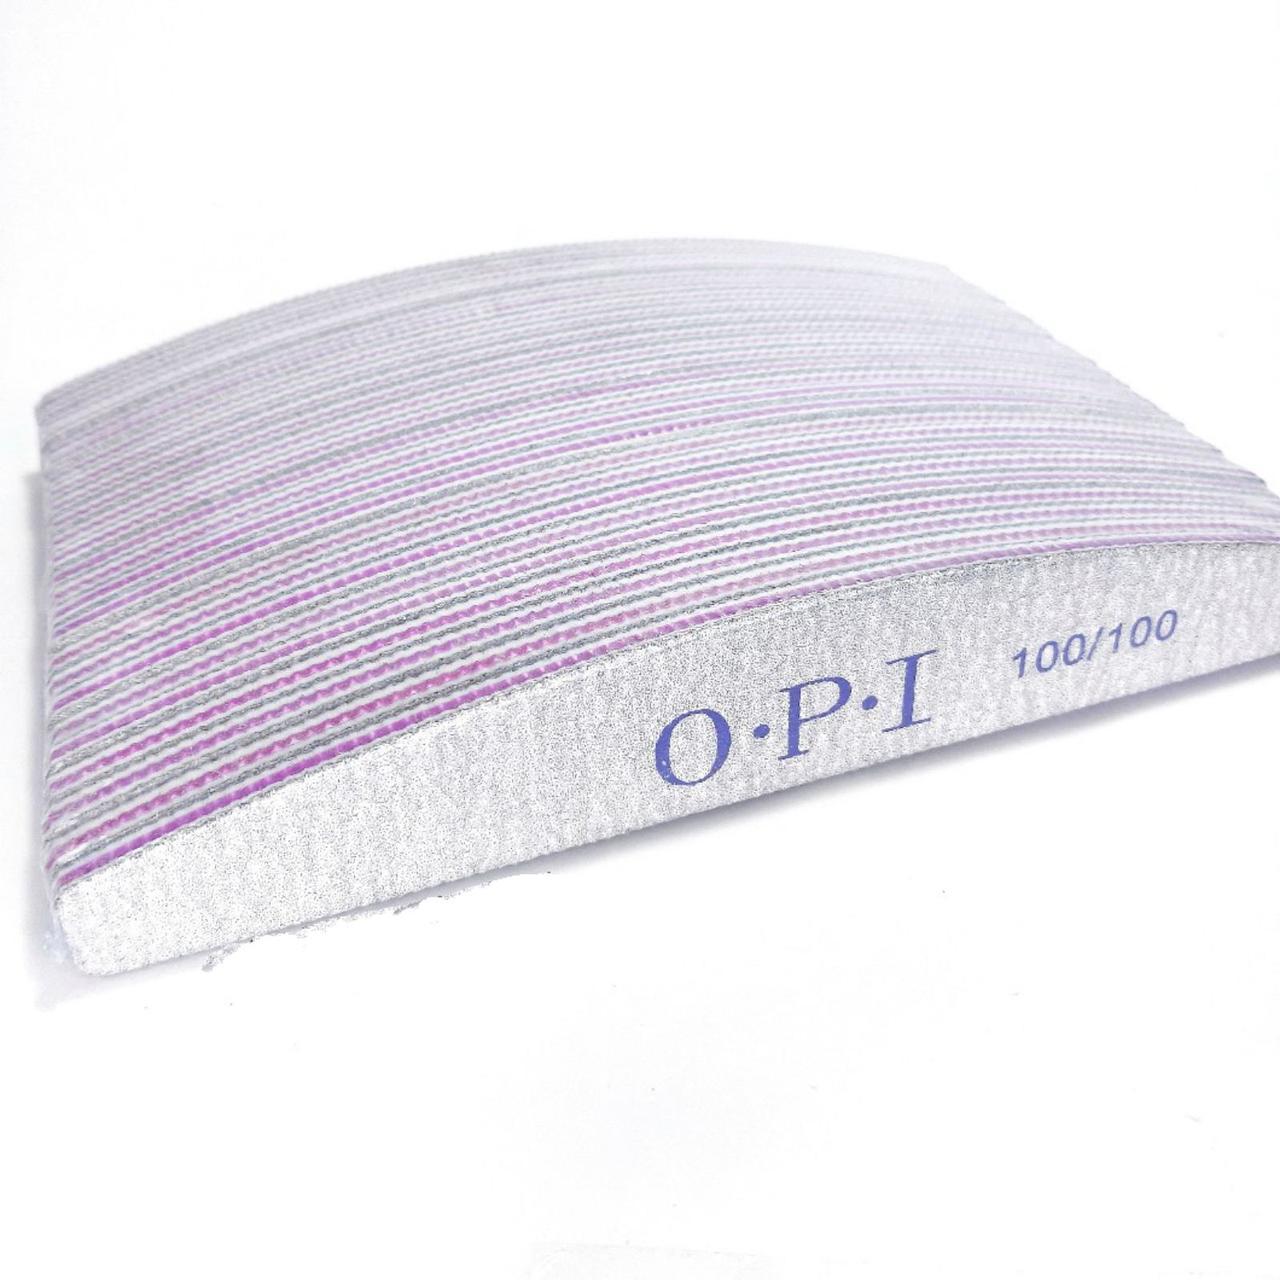 Пилочки для ногтей OPI 100/100 25 шт лодочка - Пилки для ногтей OPI Пилка для ногтей 100 100 для маникюра